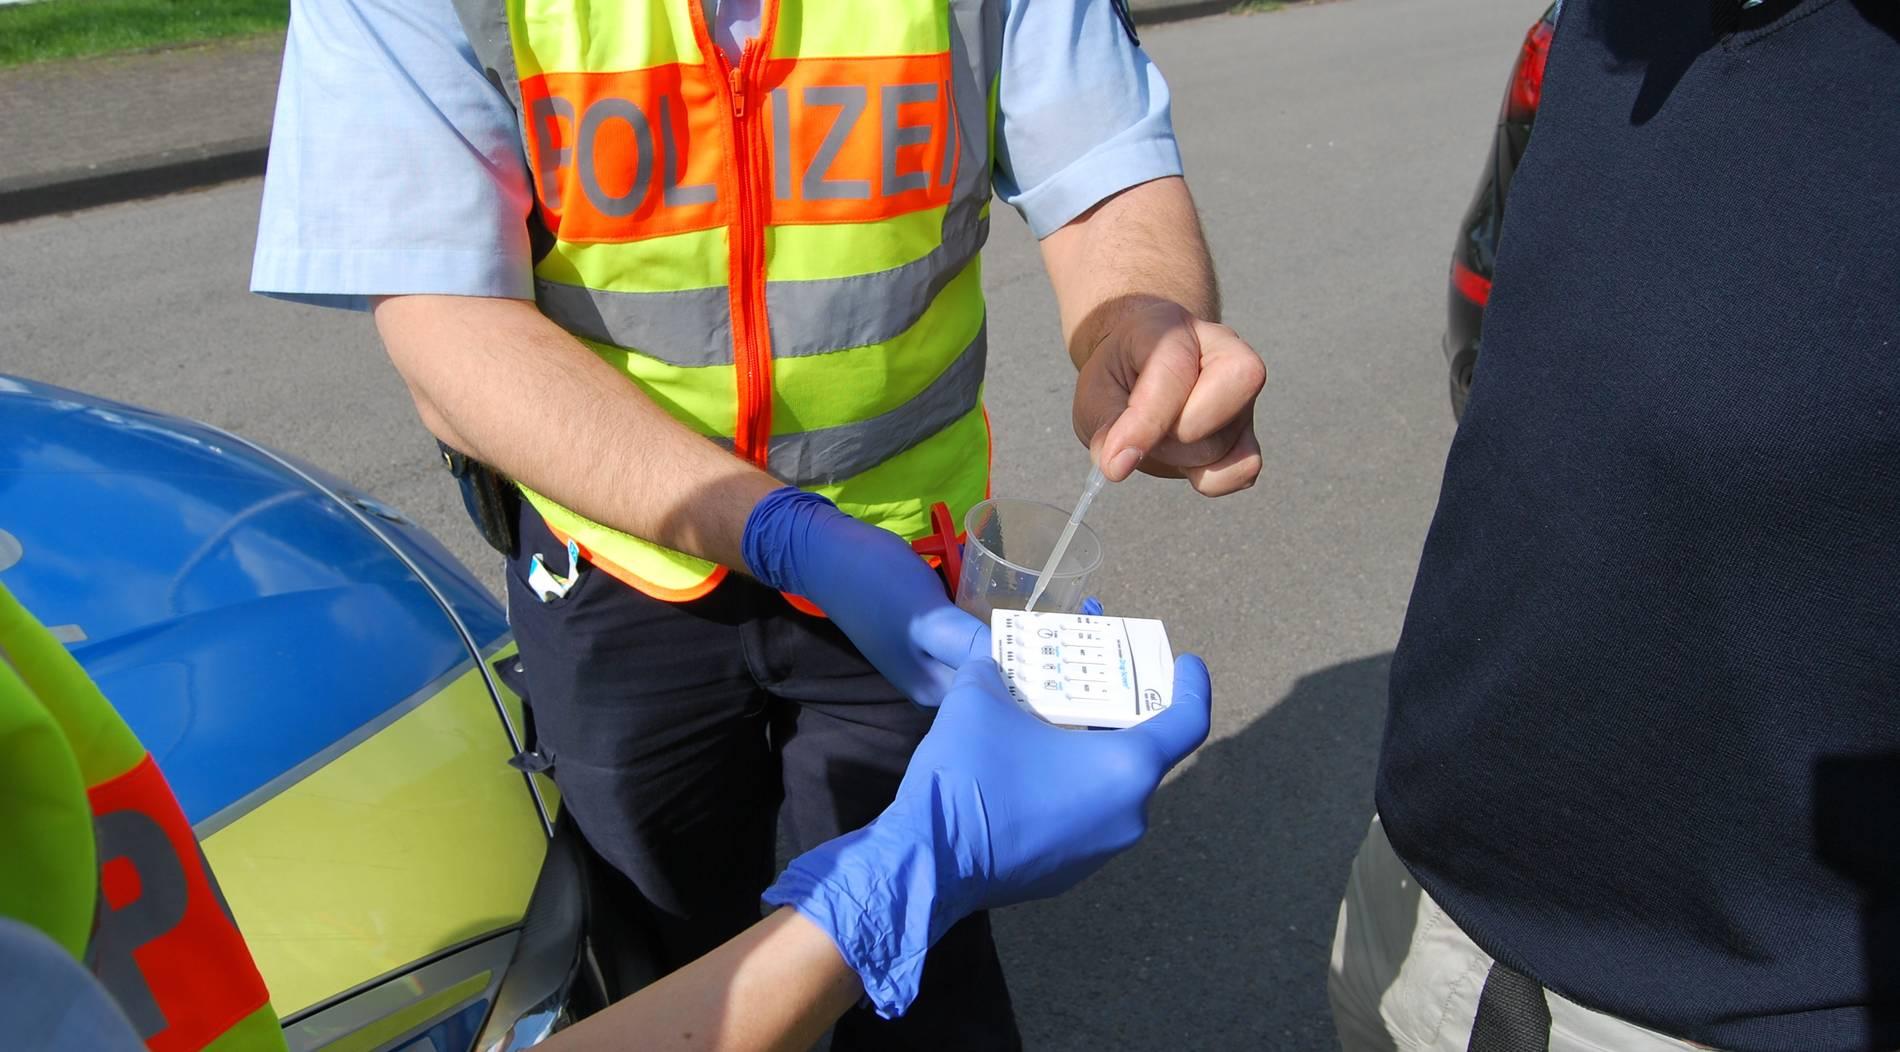 Drogentest bei sechs Fahrern positiv